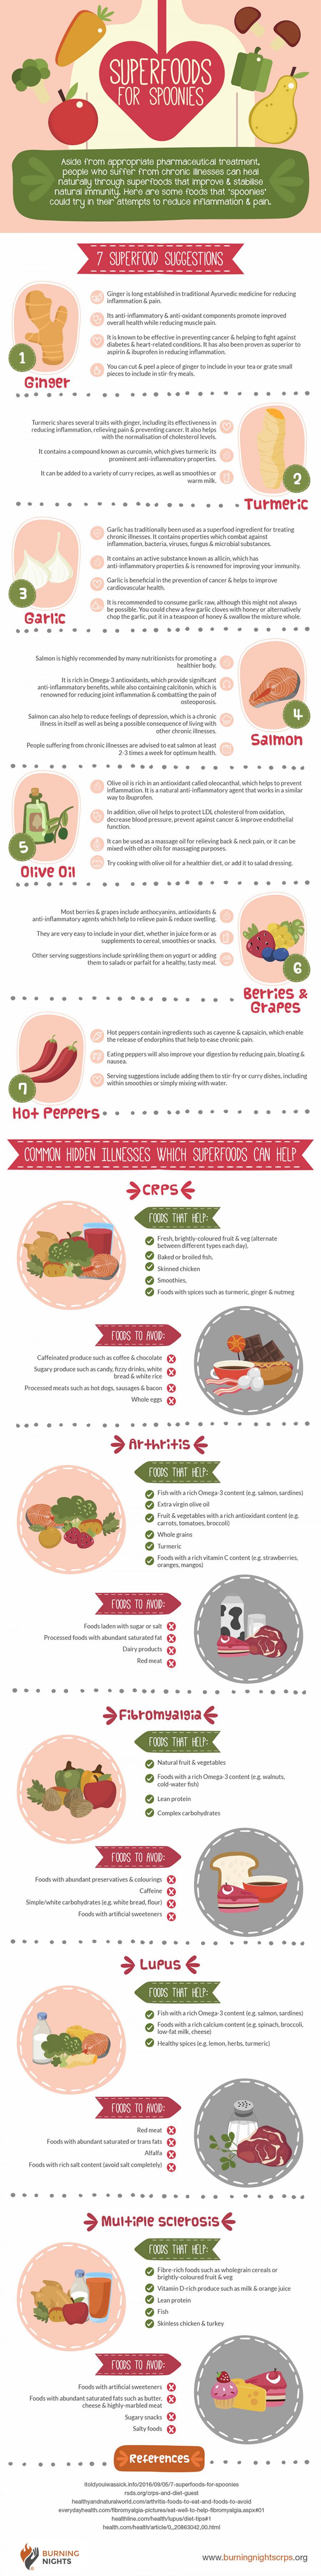 superfoods-for-spoonies-inner